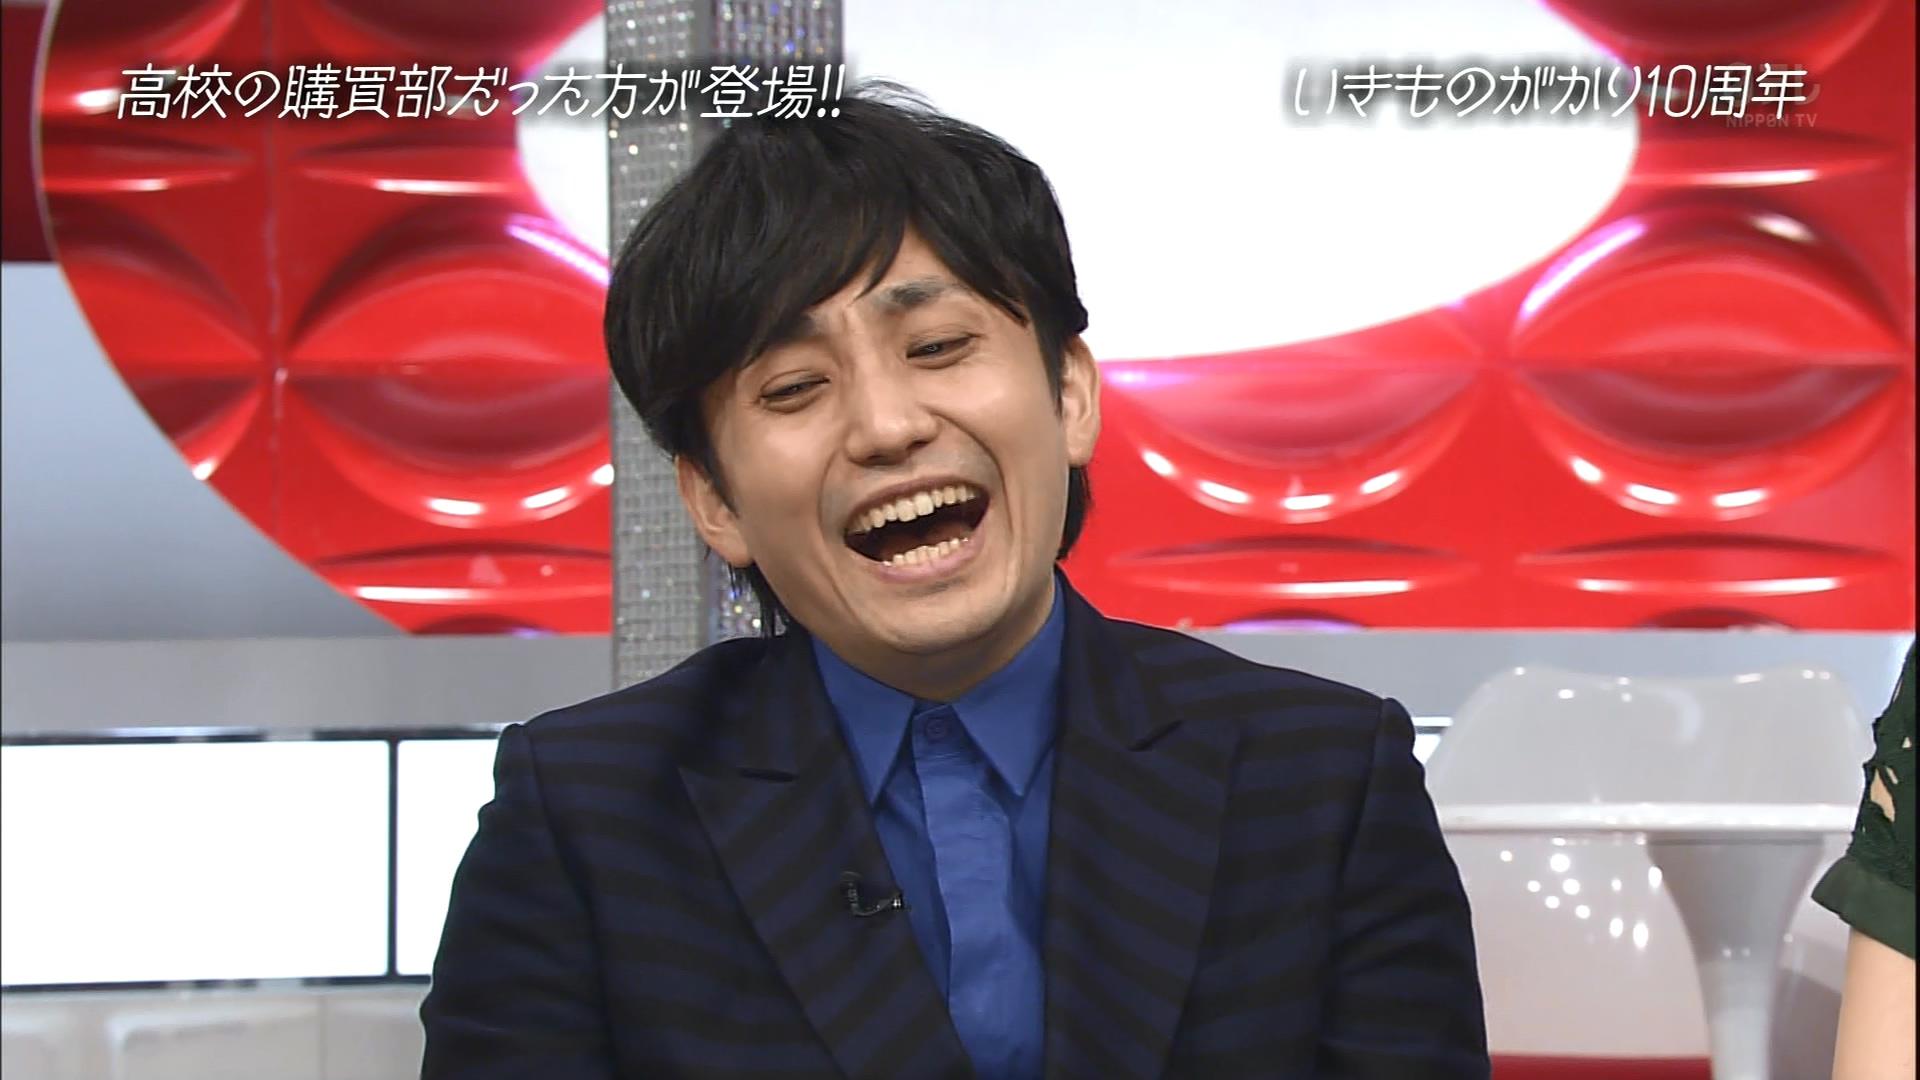 2016.03.13 全場(おしゃれイズム).ts_20160314_003421.407